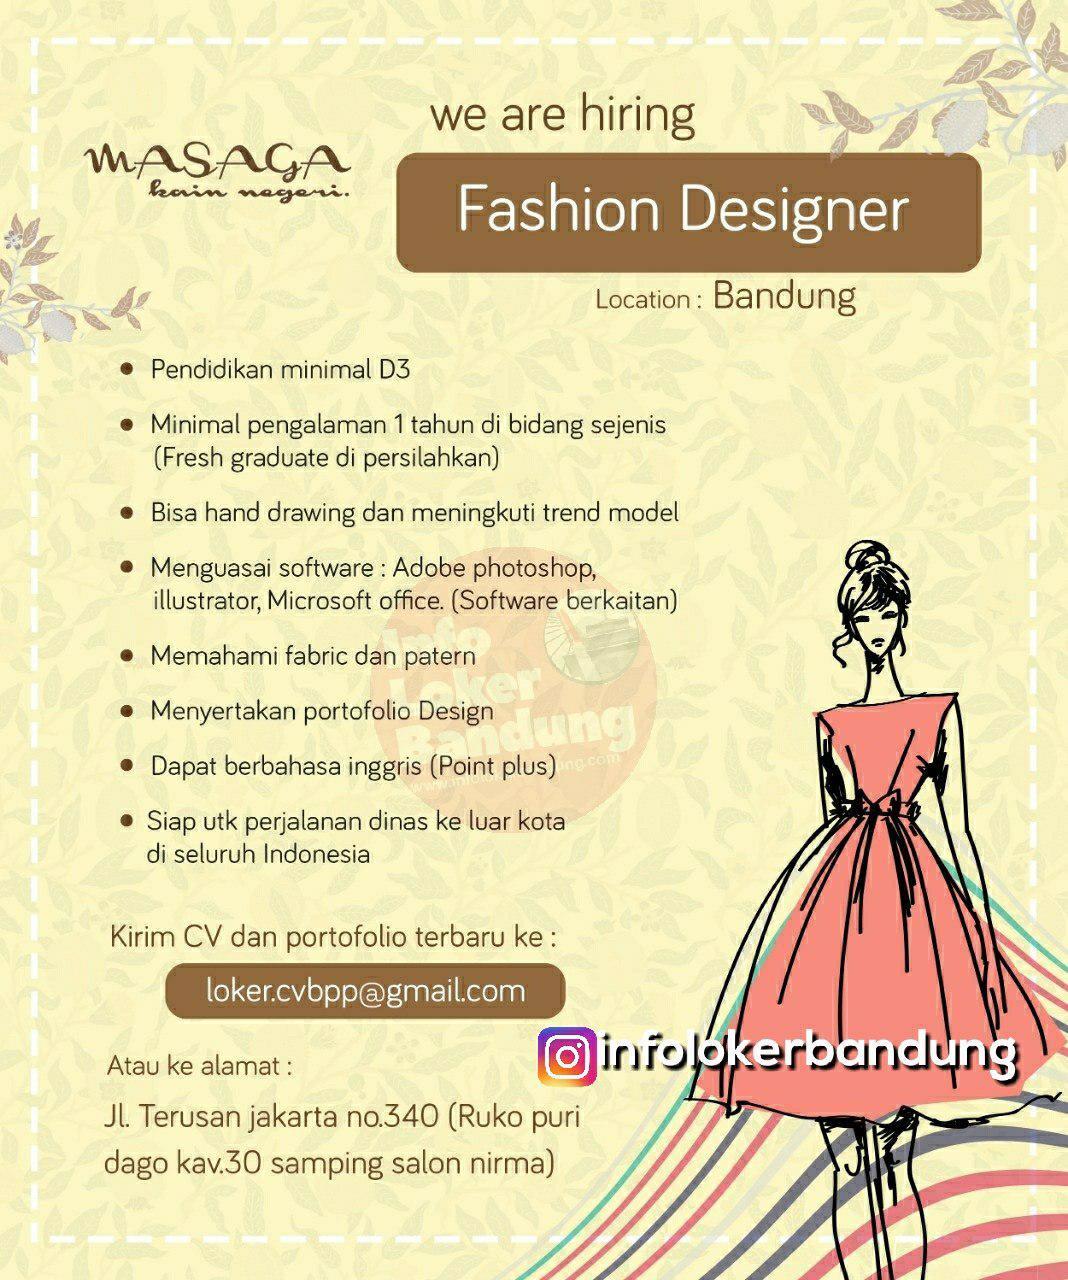 Lowongan Ker9ja Fasihon Designer Masaga Bandung Januari 2019